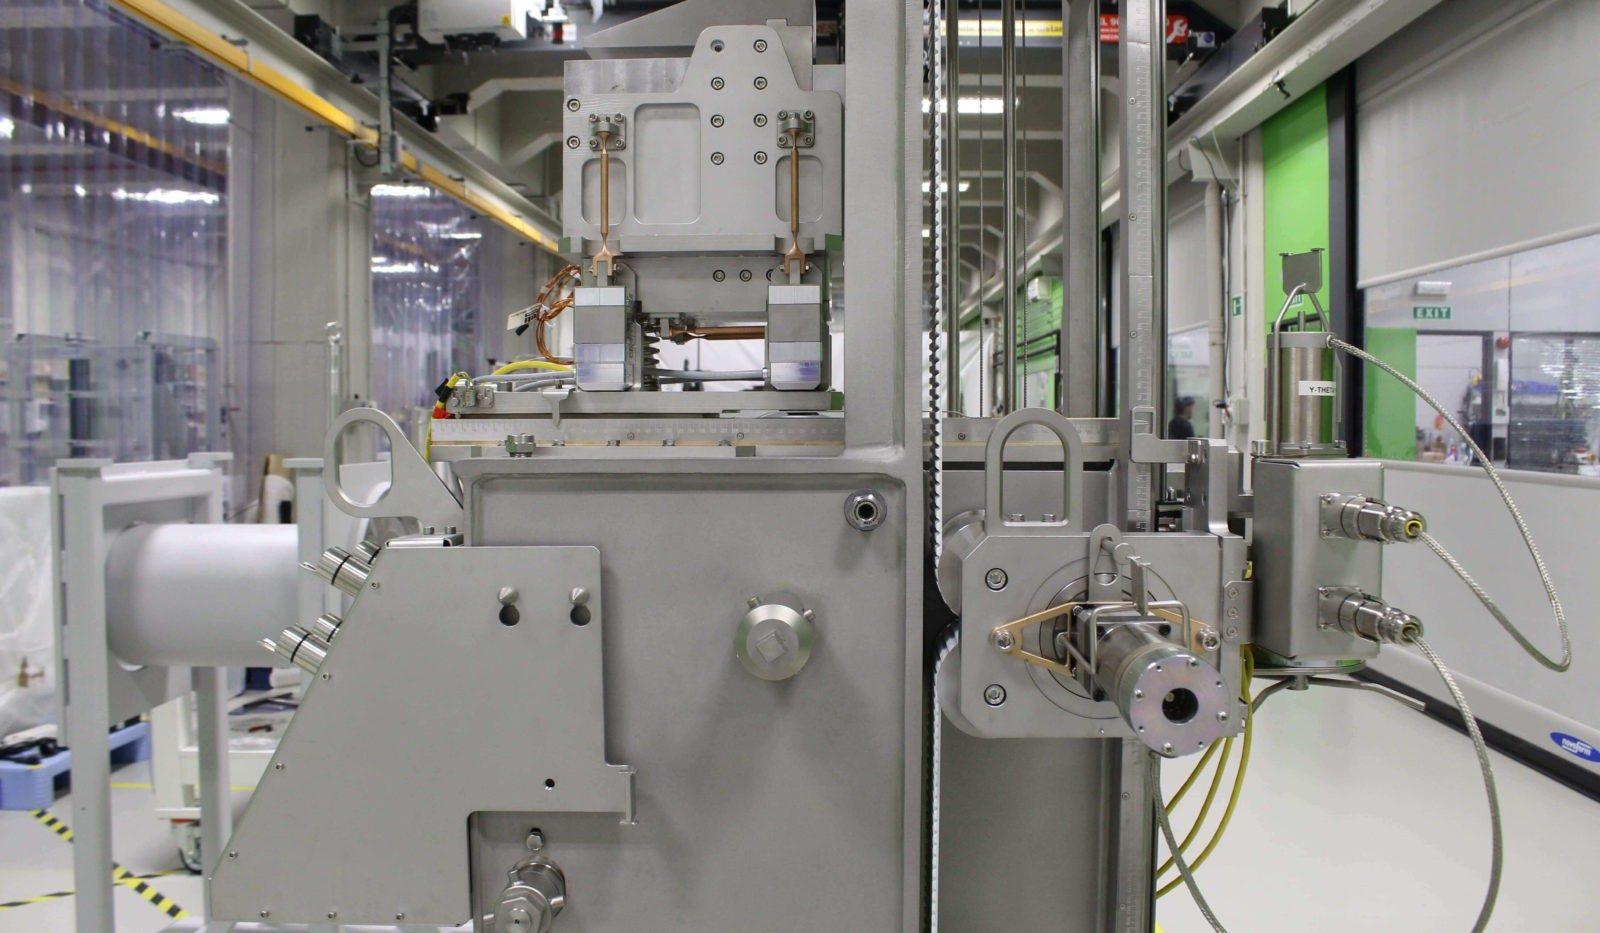 JHR_reactor_Hot_Cells_VTT-Cadarache_France_IDOM_ADA (3)